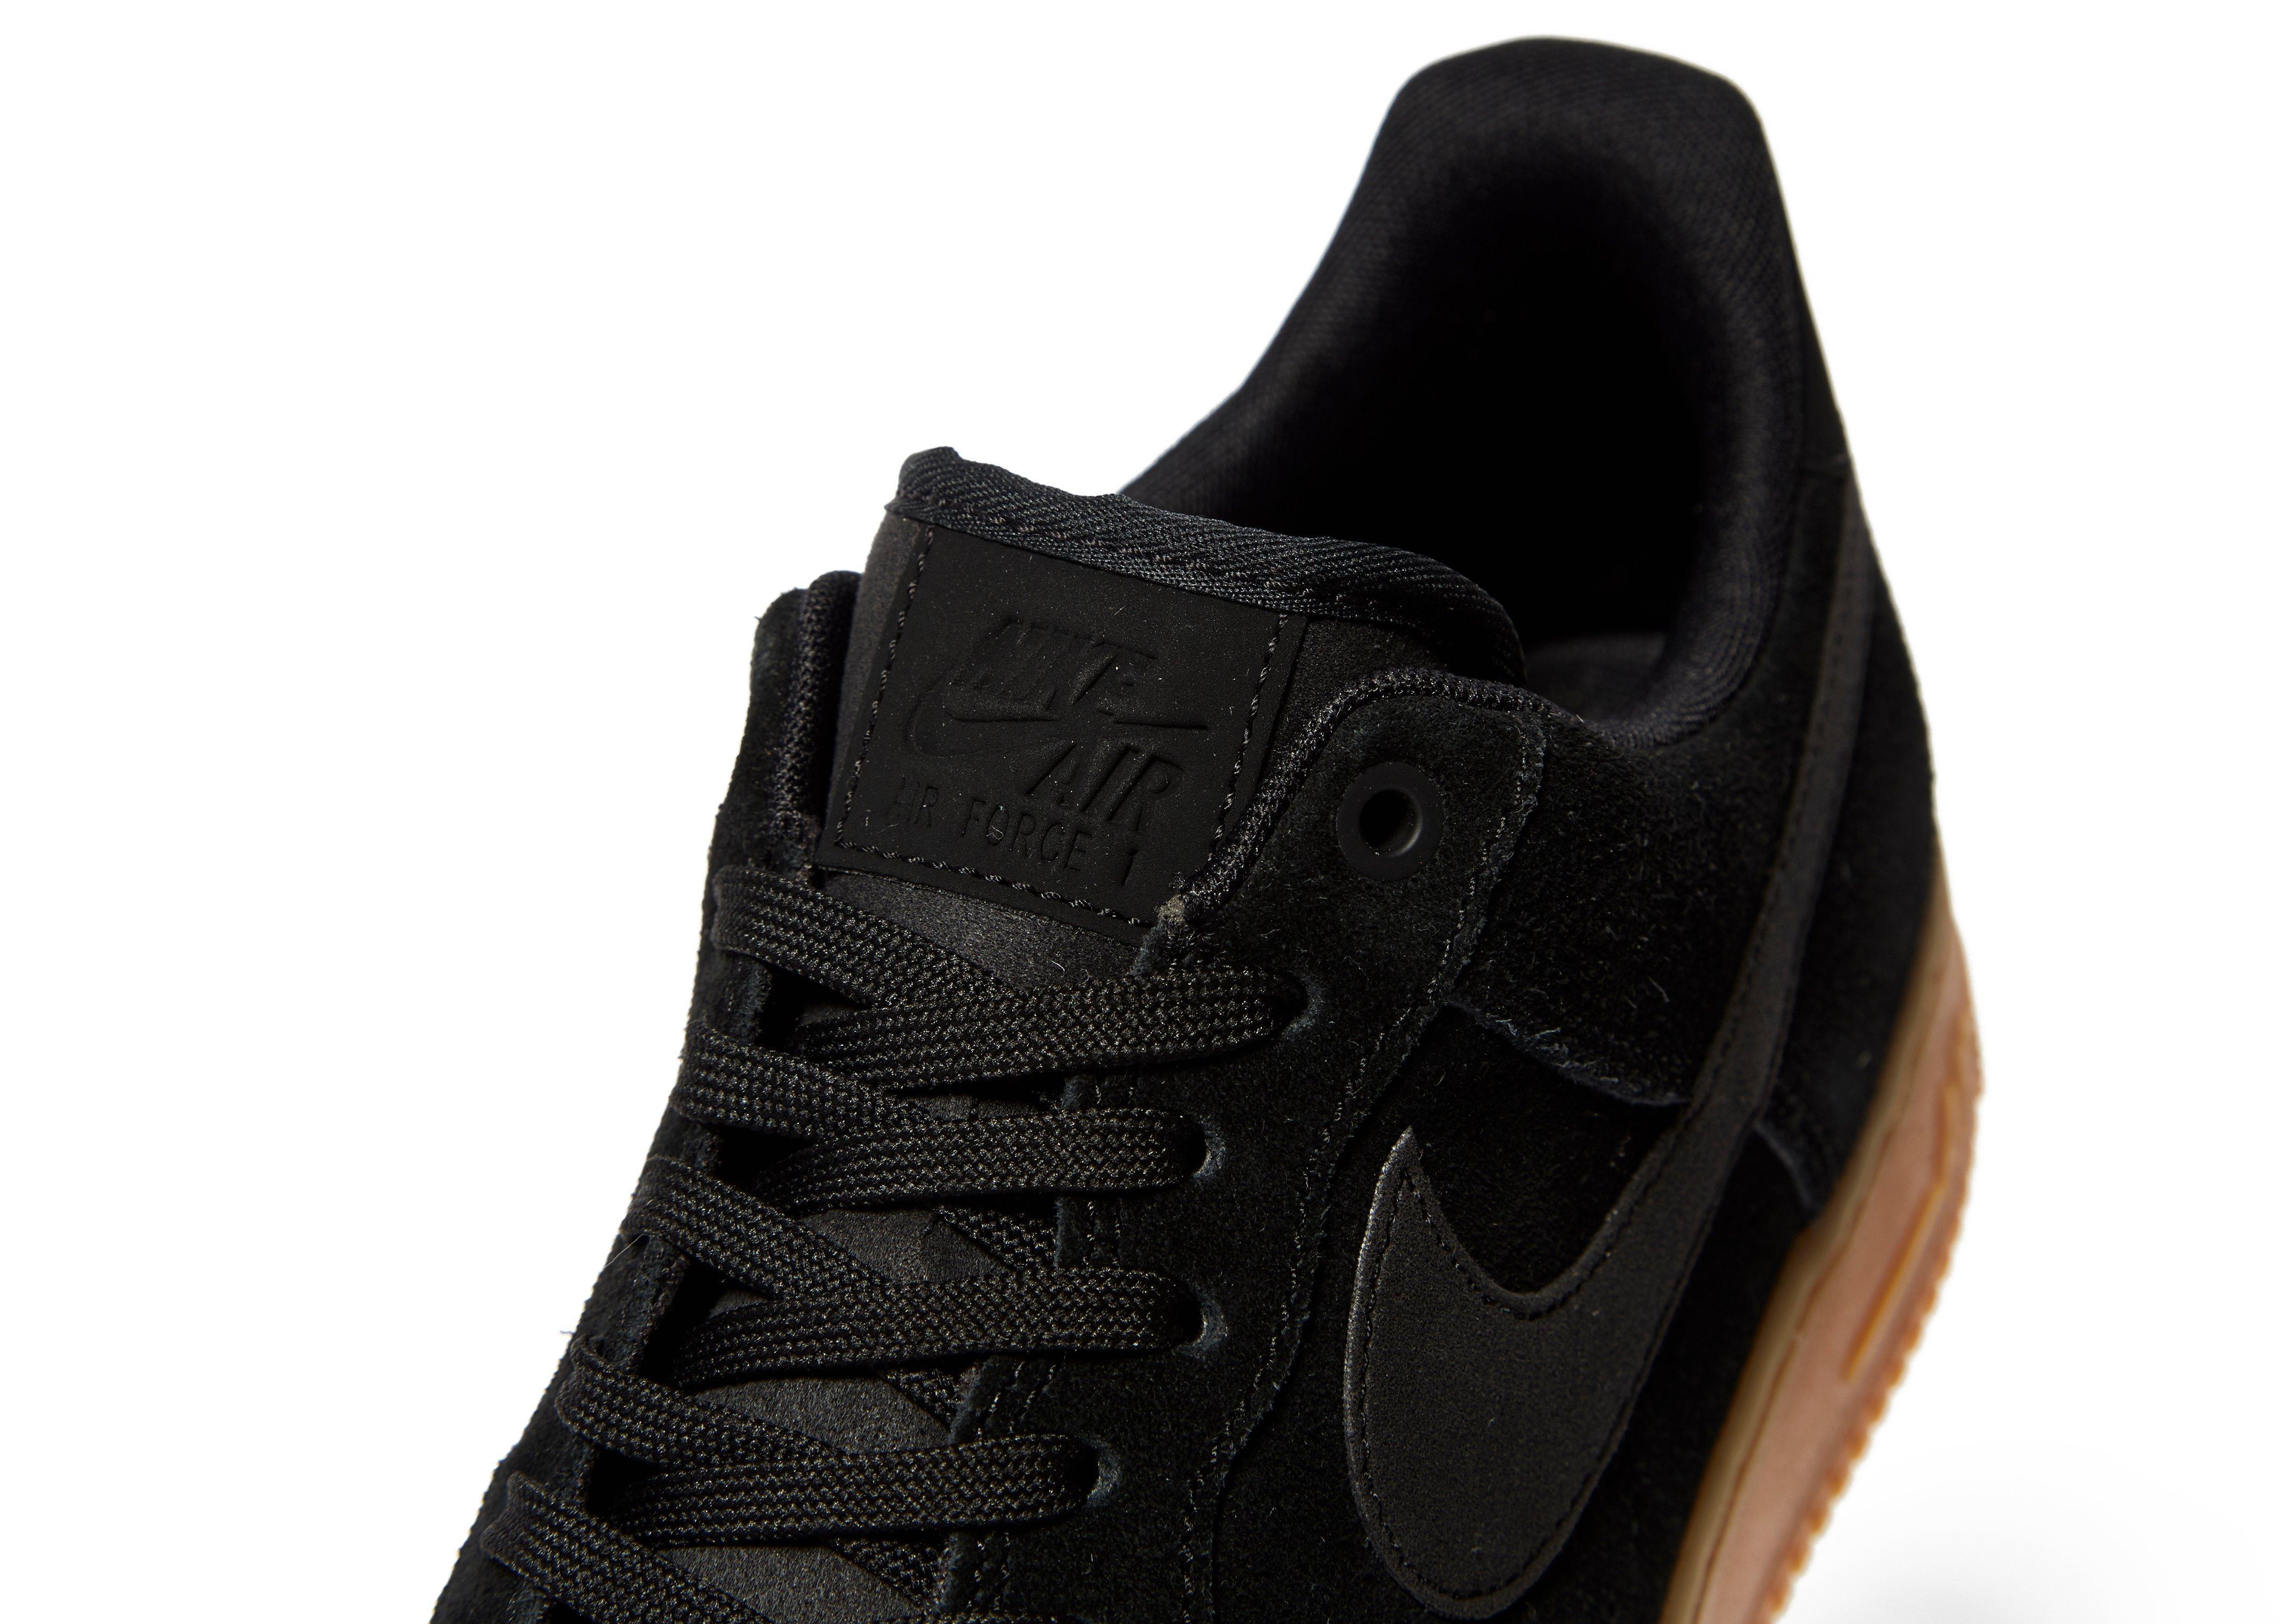 promo code b229c 6822b Nike - Black Air Force 1 Lv8 for Men - Lyst. View fullscreen